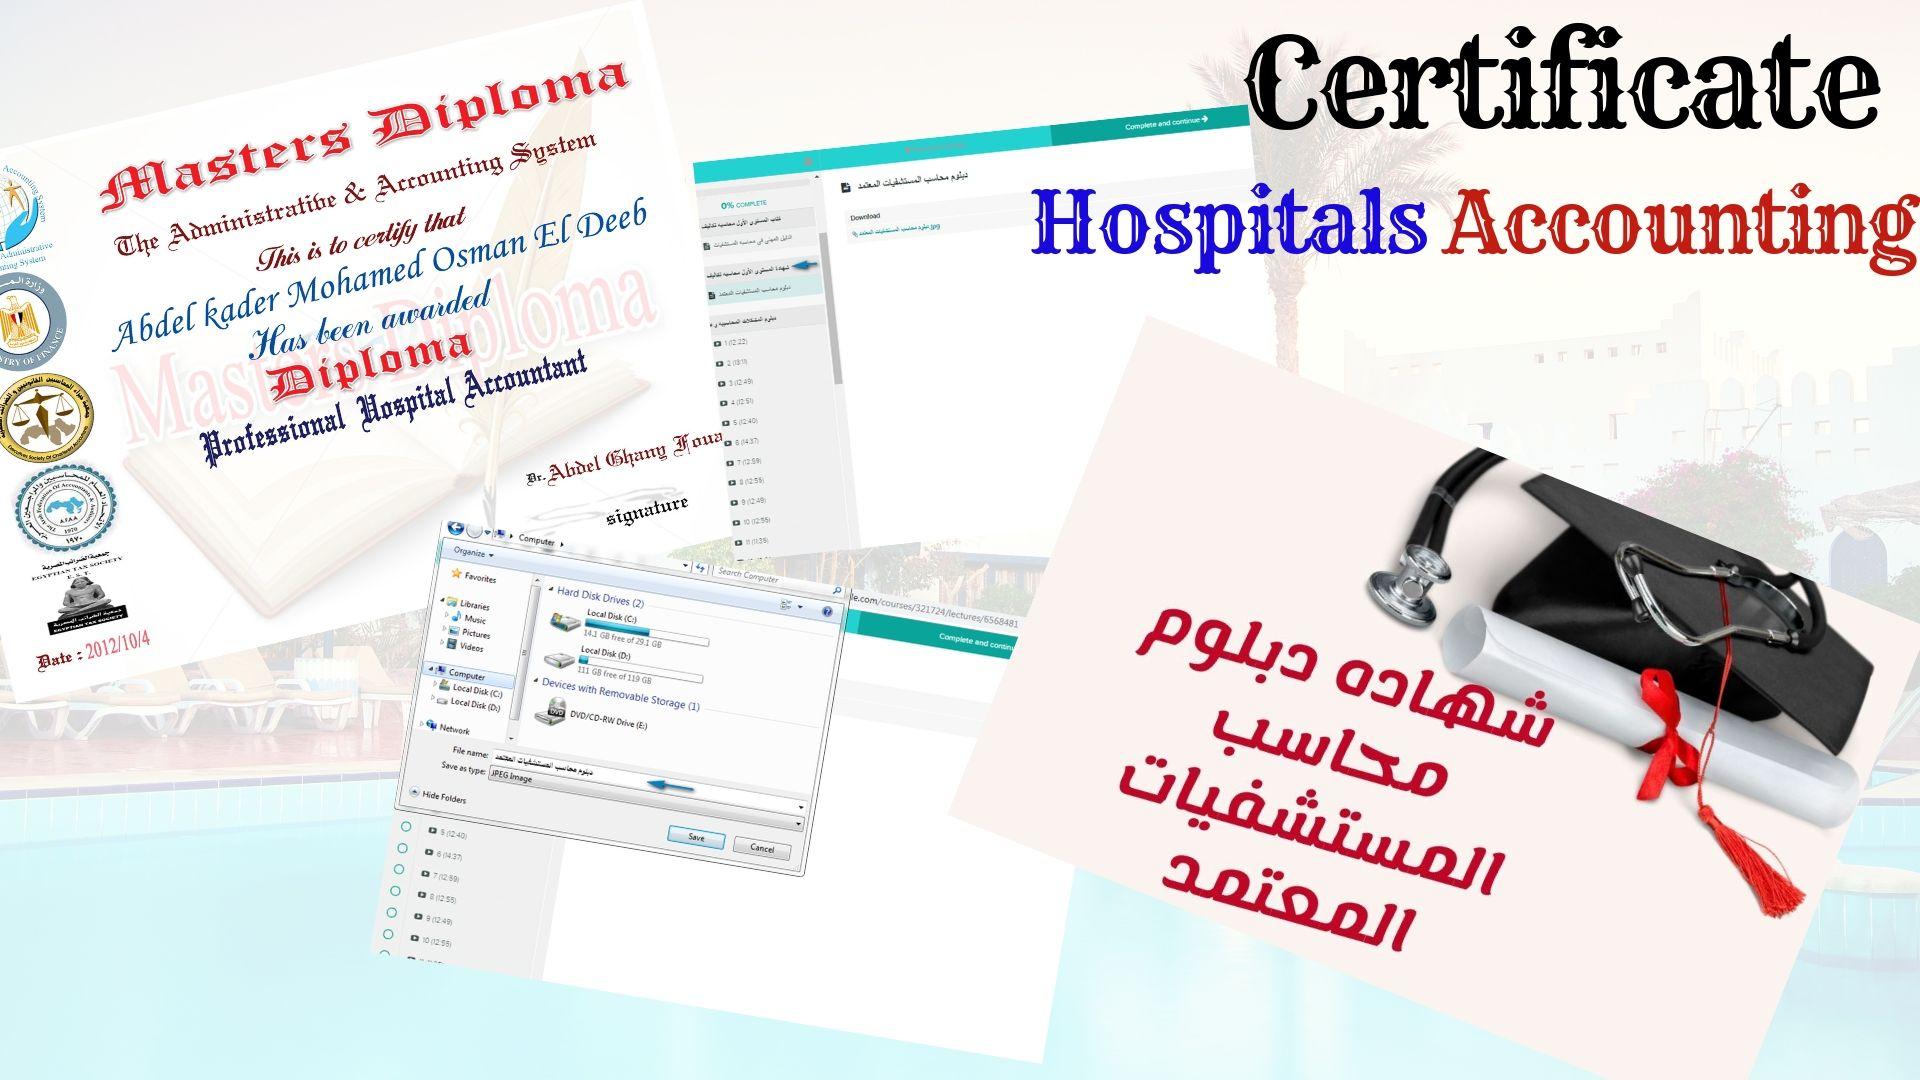 محاسبه تكاليف المستشفيات